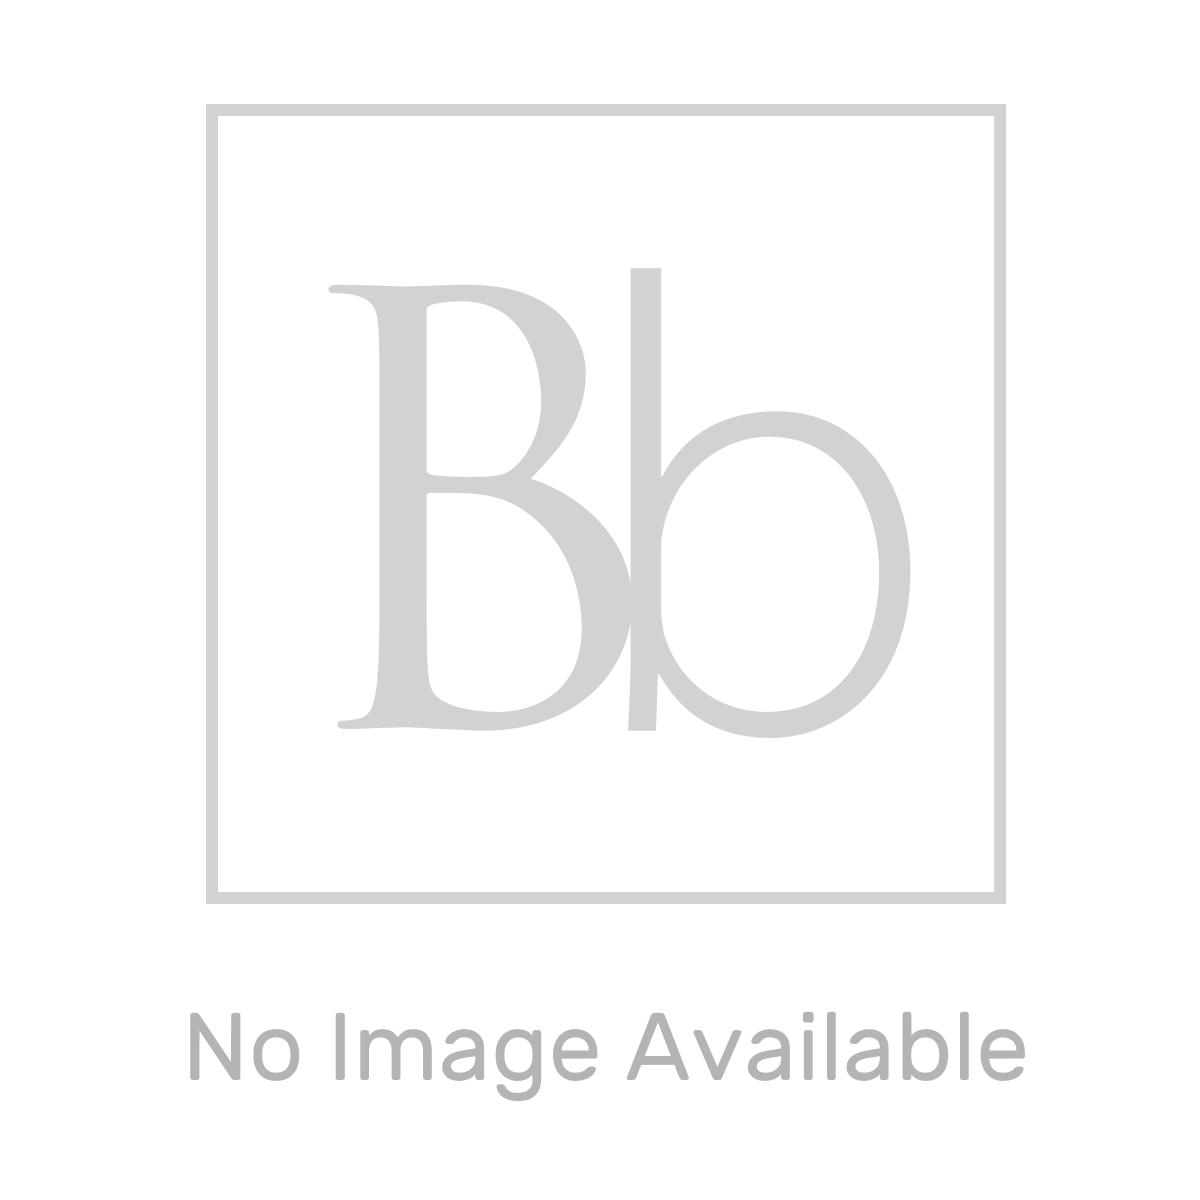 RAK Surface Ash Lappato Tile 750 x 750mm